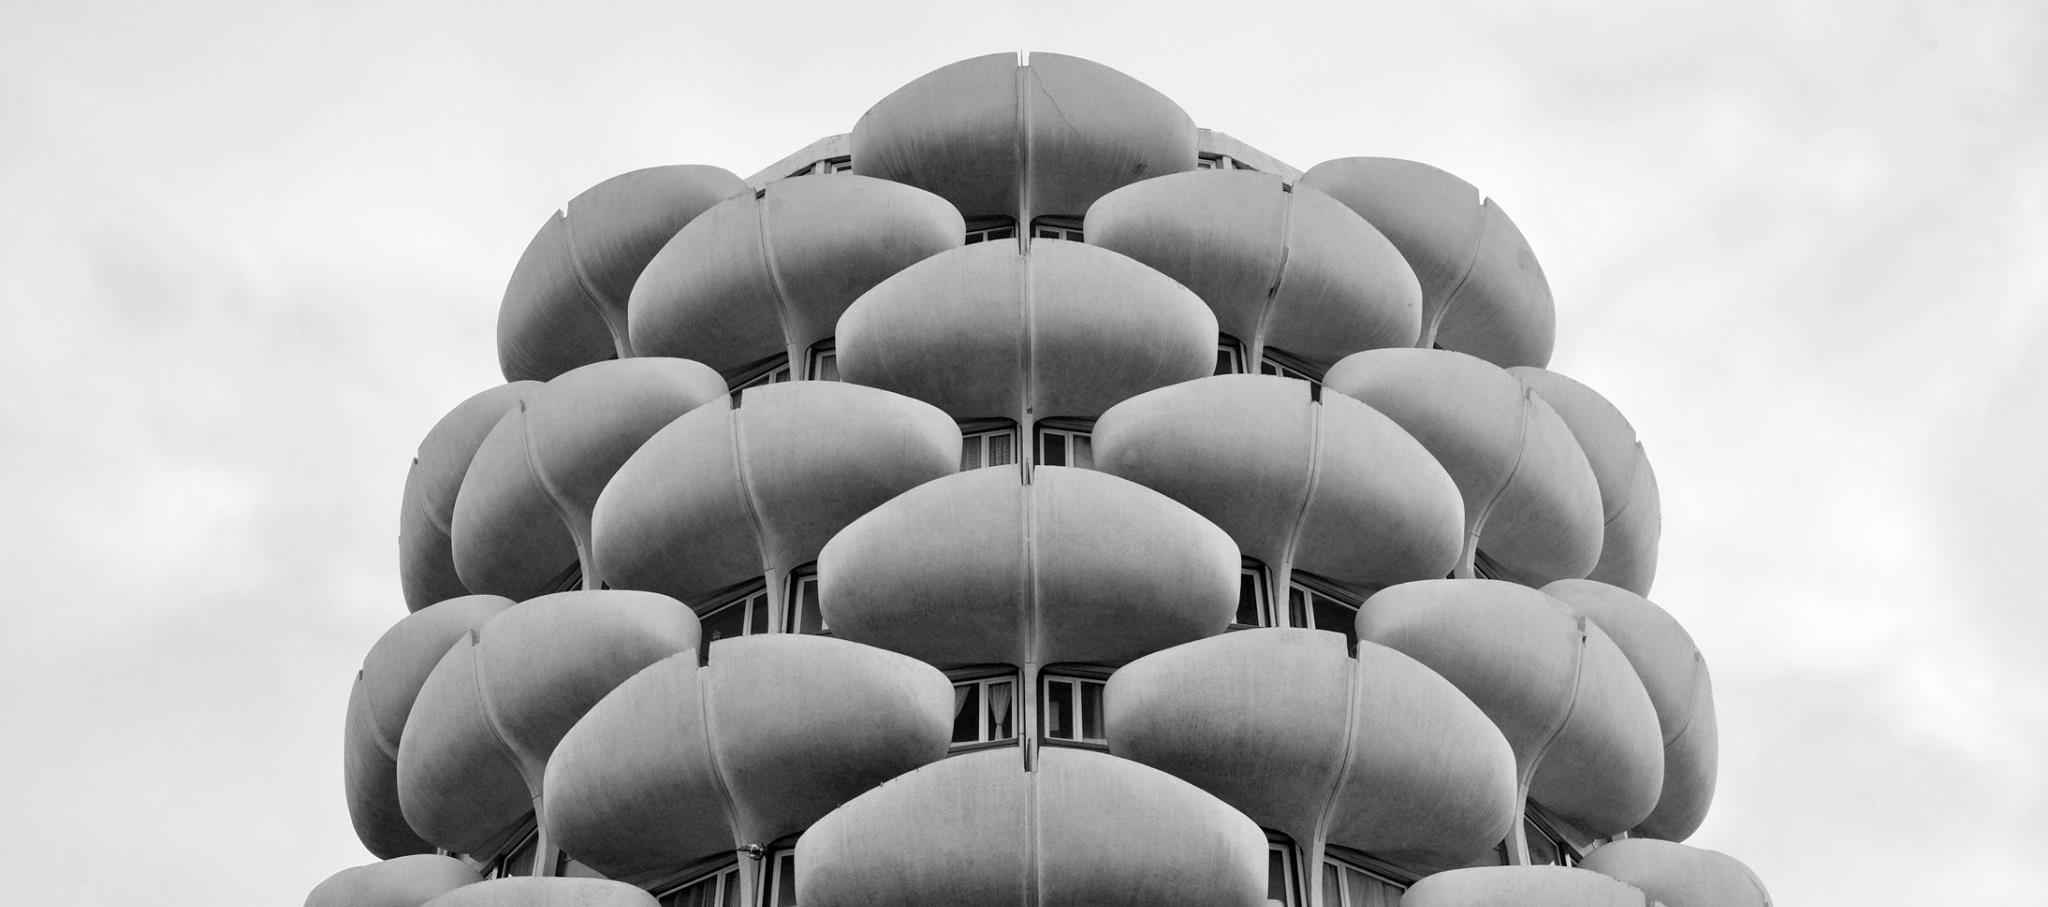 Les Choux de Créteil. Fotografía de Nigel Green para Blue Crow Media © 2017